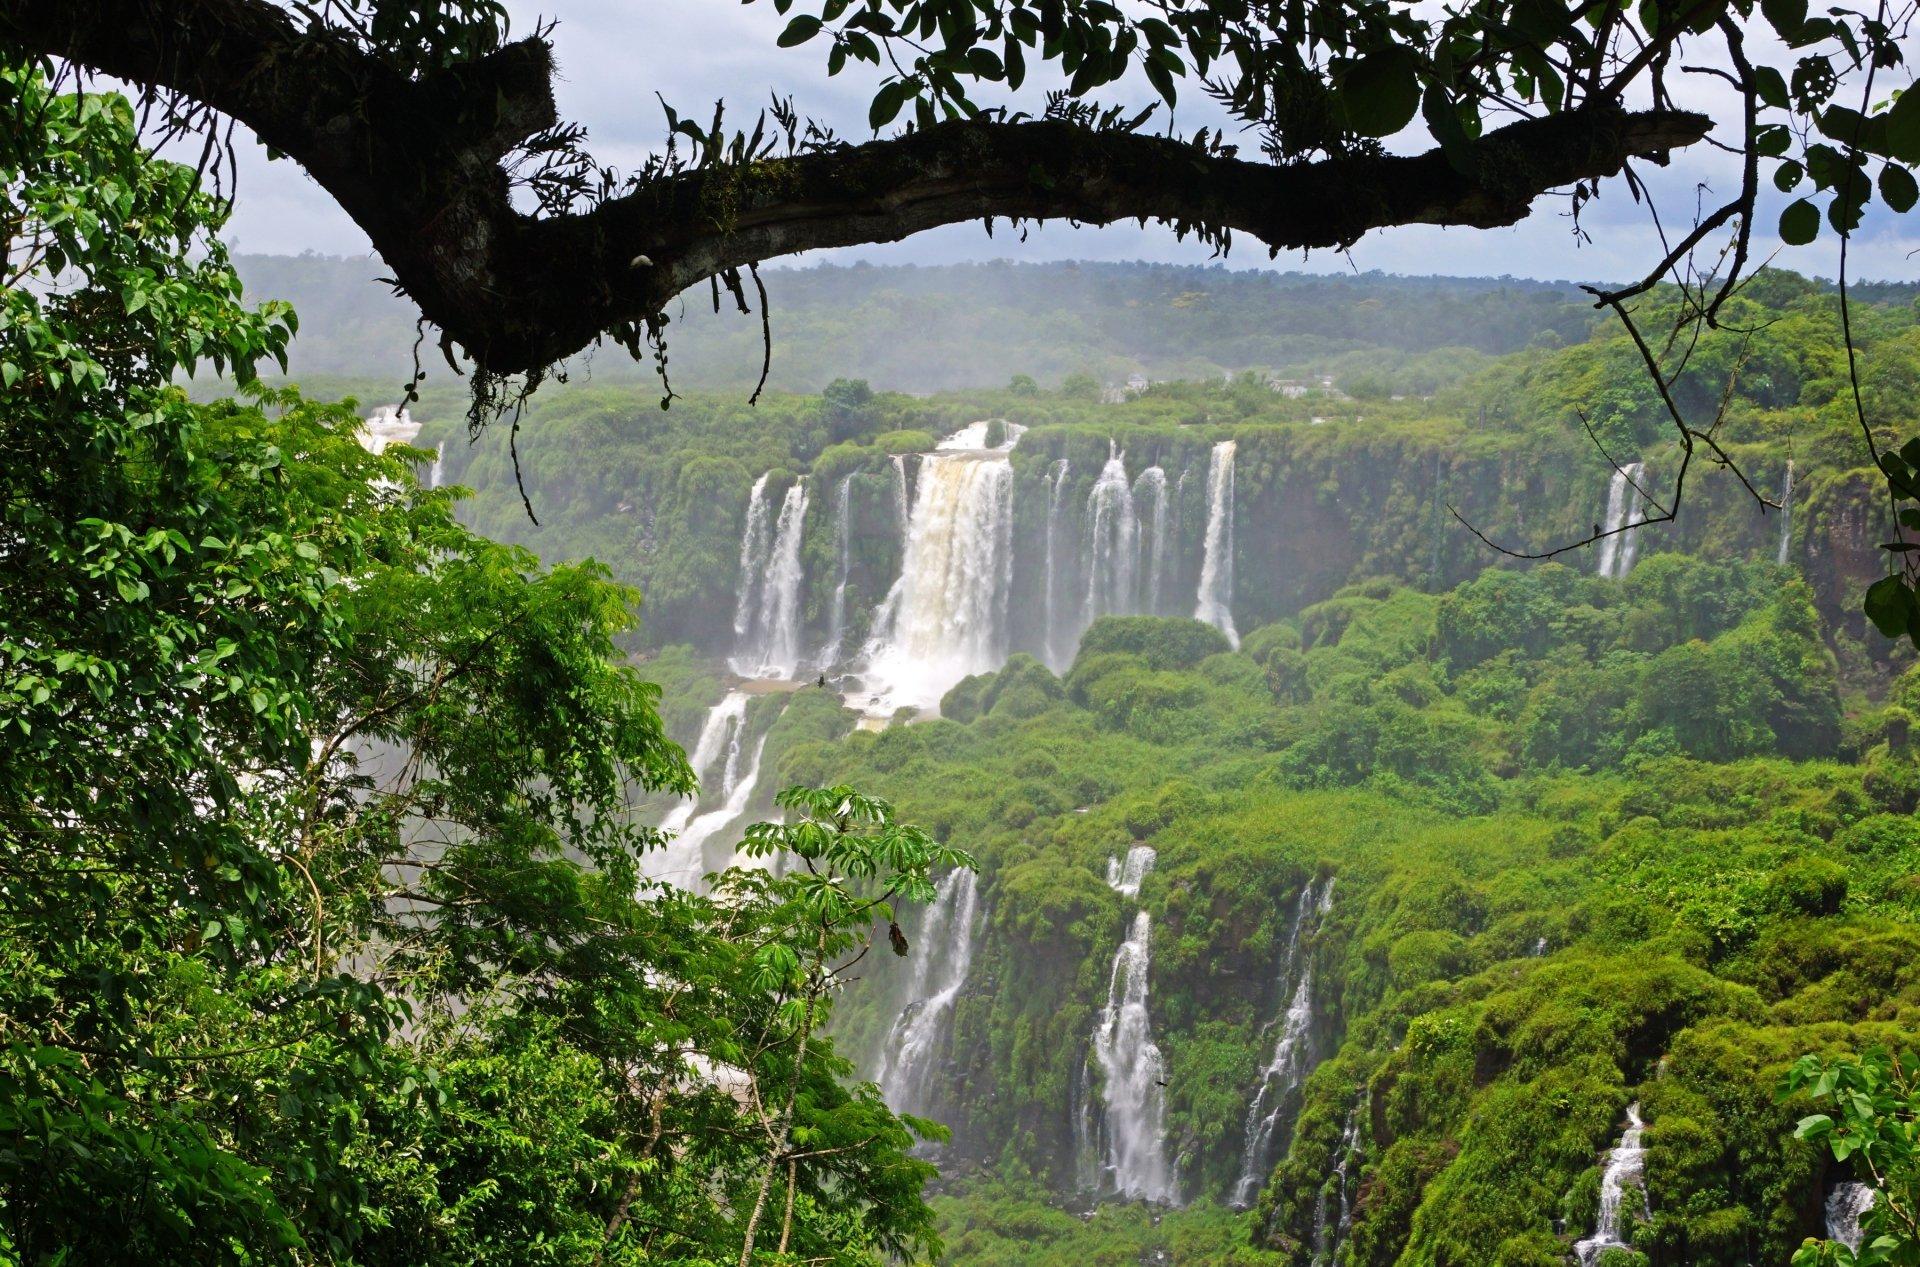 Iguazu Falls Wallpaper 1920x1200 Iguazu Waterfalls Full Hd Wallpaper And Background